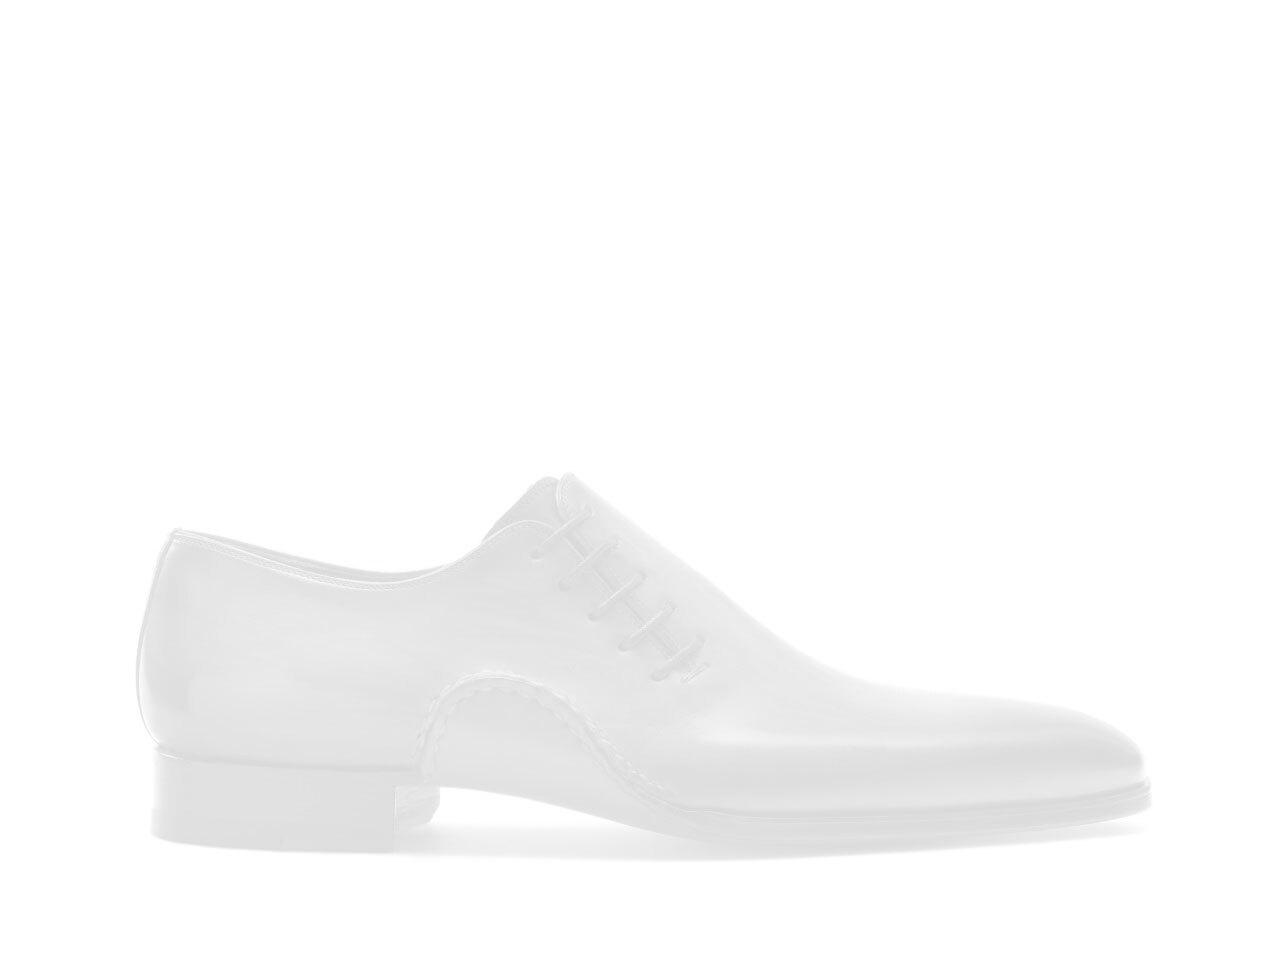 Pair of the Magnanni Kenton Grafito Men's Double Monk Strap Shoes